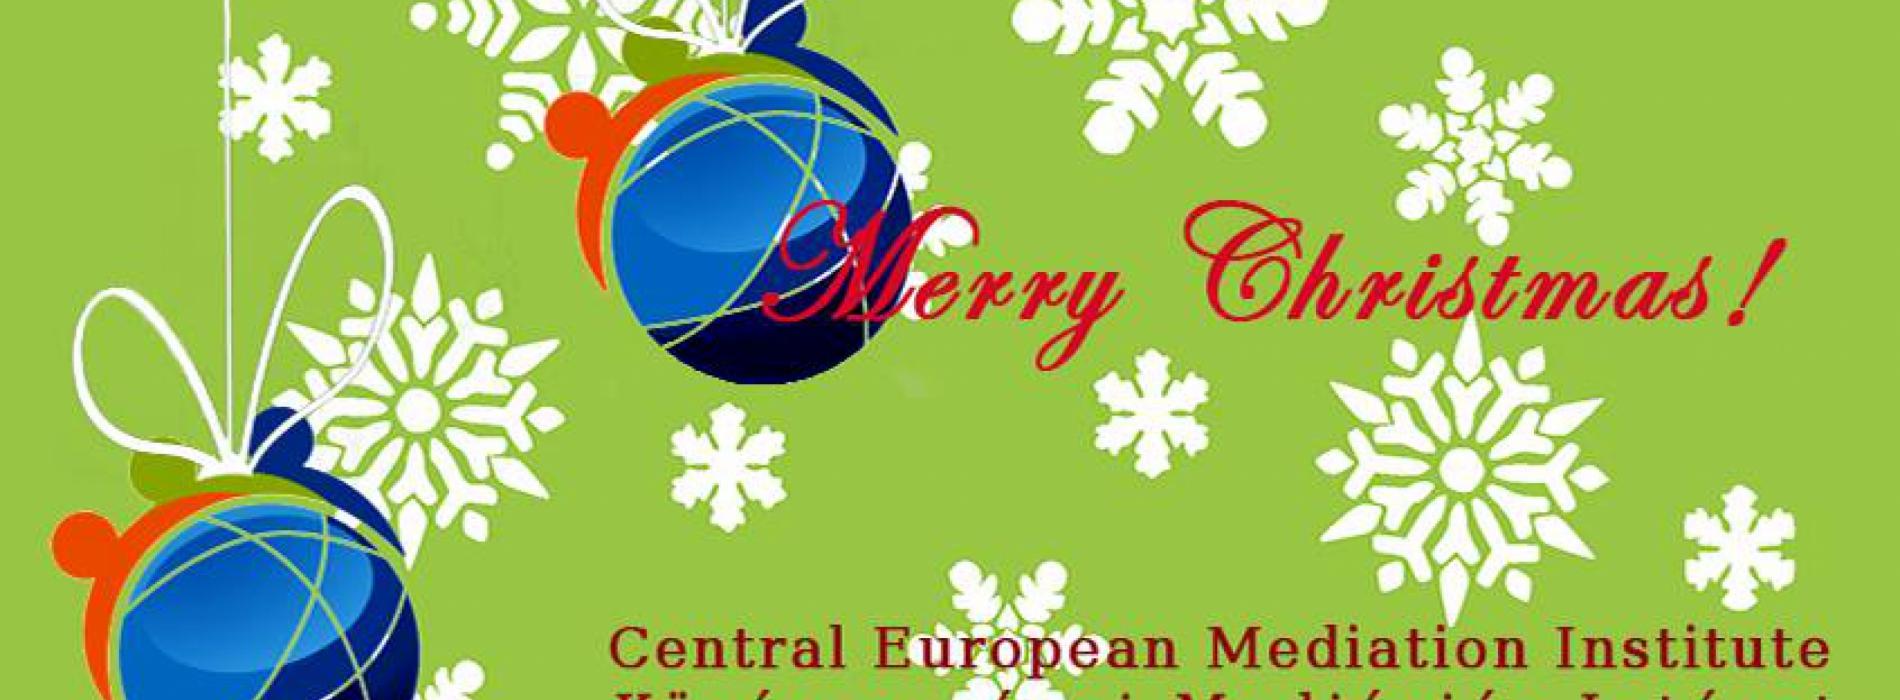 Boldog karácsonyt és Mediációban Gazdag Boldog Új évet kíván a Közép Európai Mediációs Intézet!